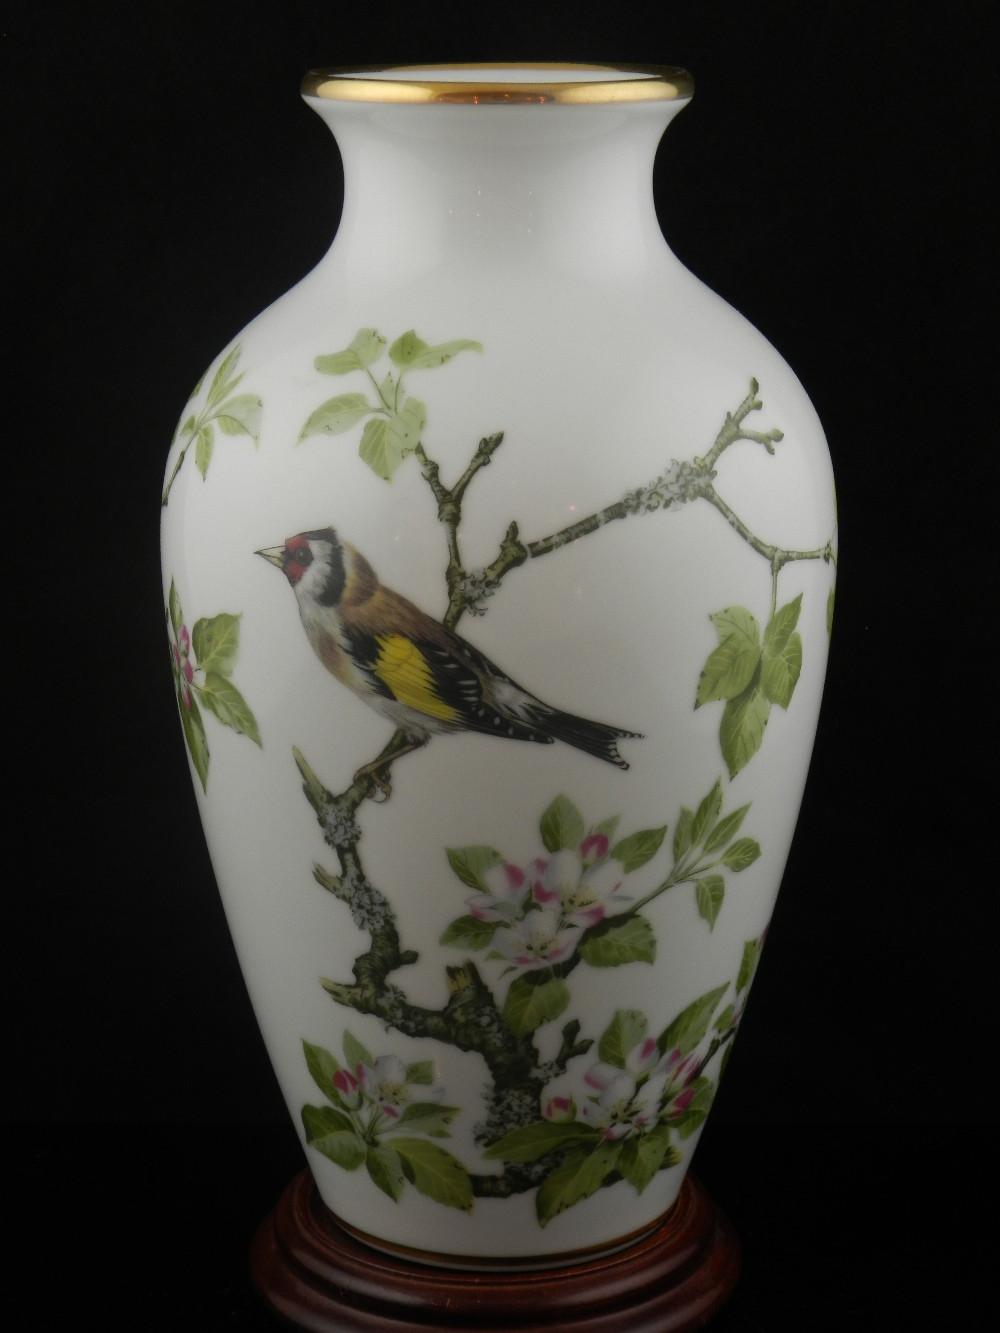 franklin porcelain woodland bird vase of a franklin porcelain the woodland bird vase raised on a pertaining to lot 294 a franklin porcelain